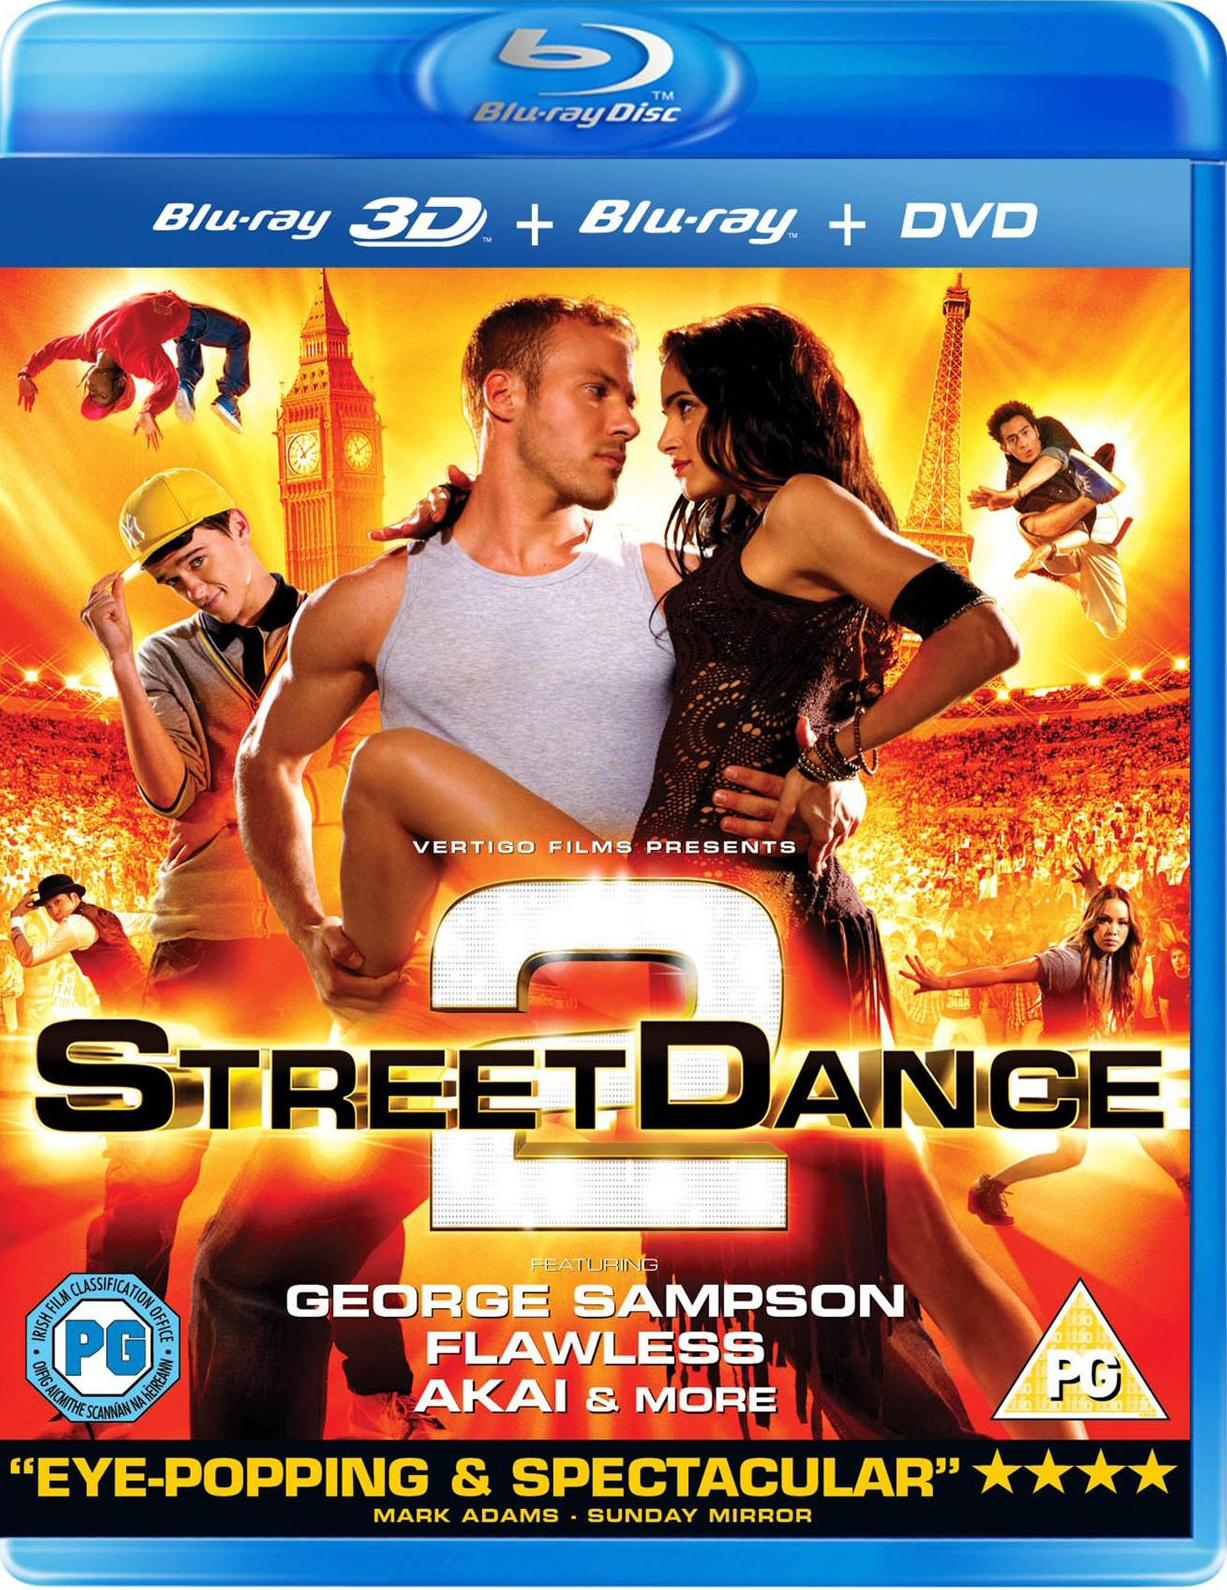 Street Dance 2 DVD Review | Big Screen NZ